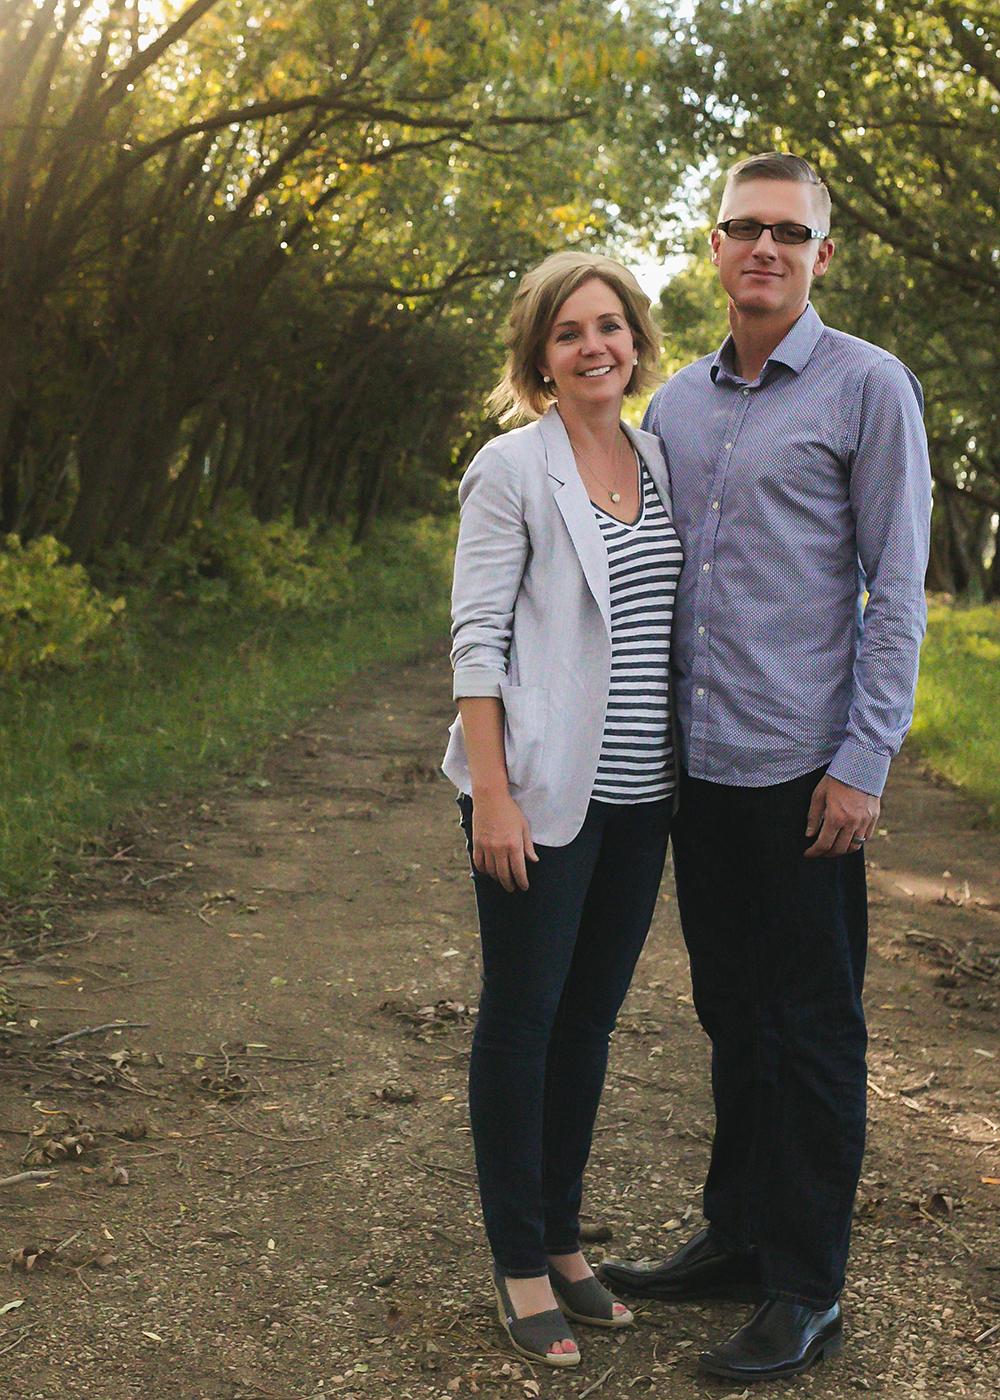 Hillenbrand Sneak 3_Edmonton Family Photographer.jpg